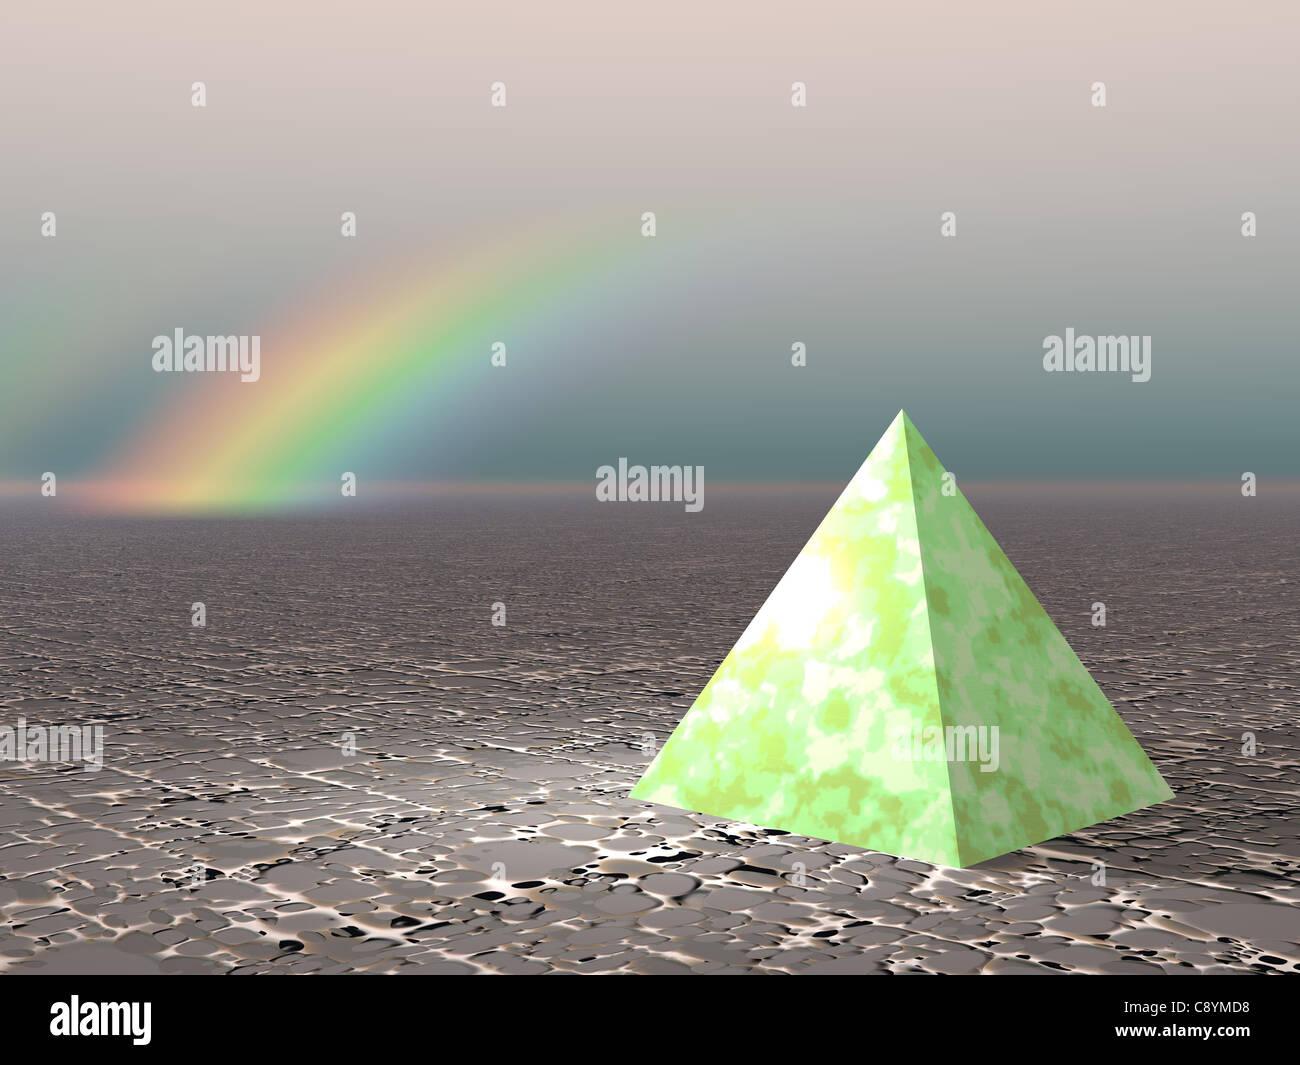 Abstrakt - Pyramide mit Regenbogen (CGI) Stockbild